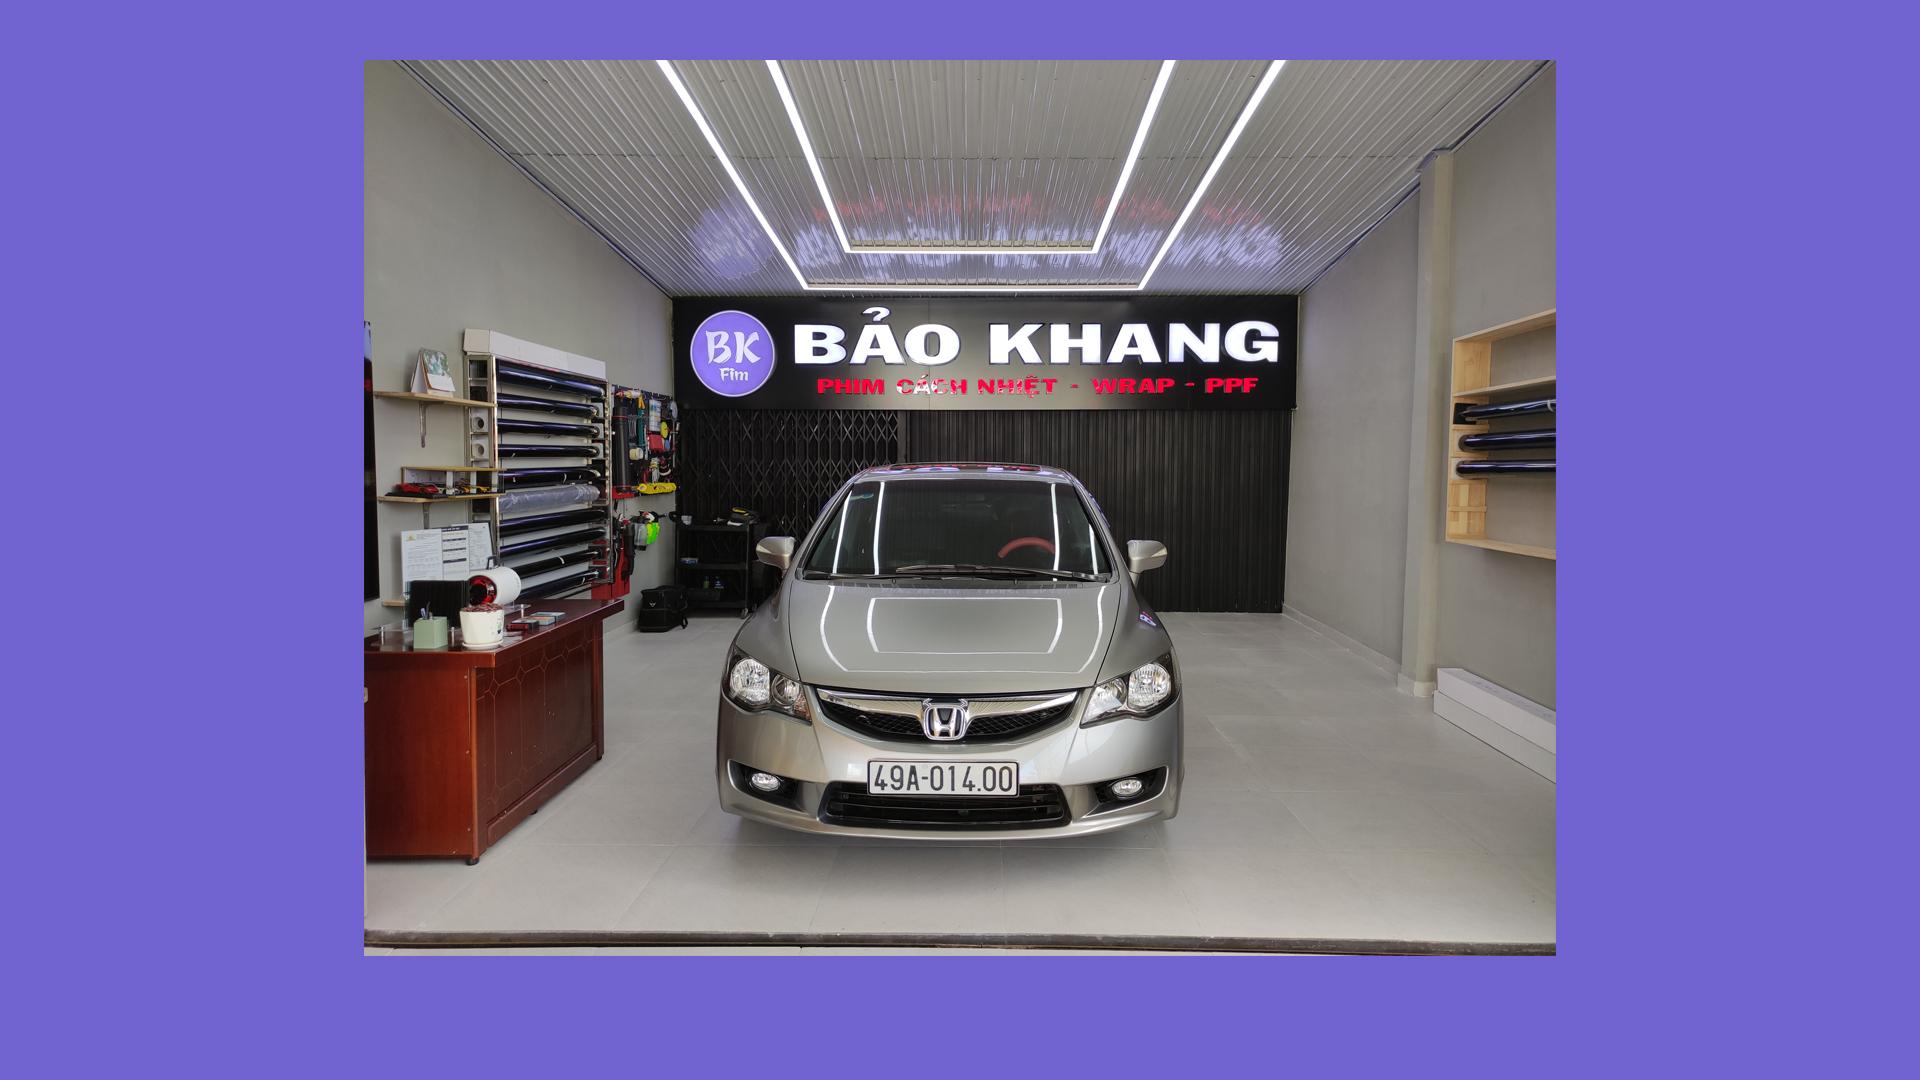 Quỳnh Giang | Dịch vụ dán phim cách nhiệt xe ô tô, nhà kính chuyên nghiệp tại Bảo Lộc